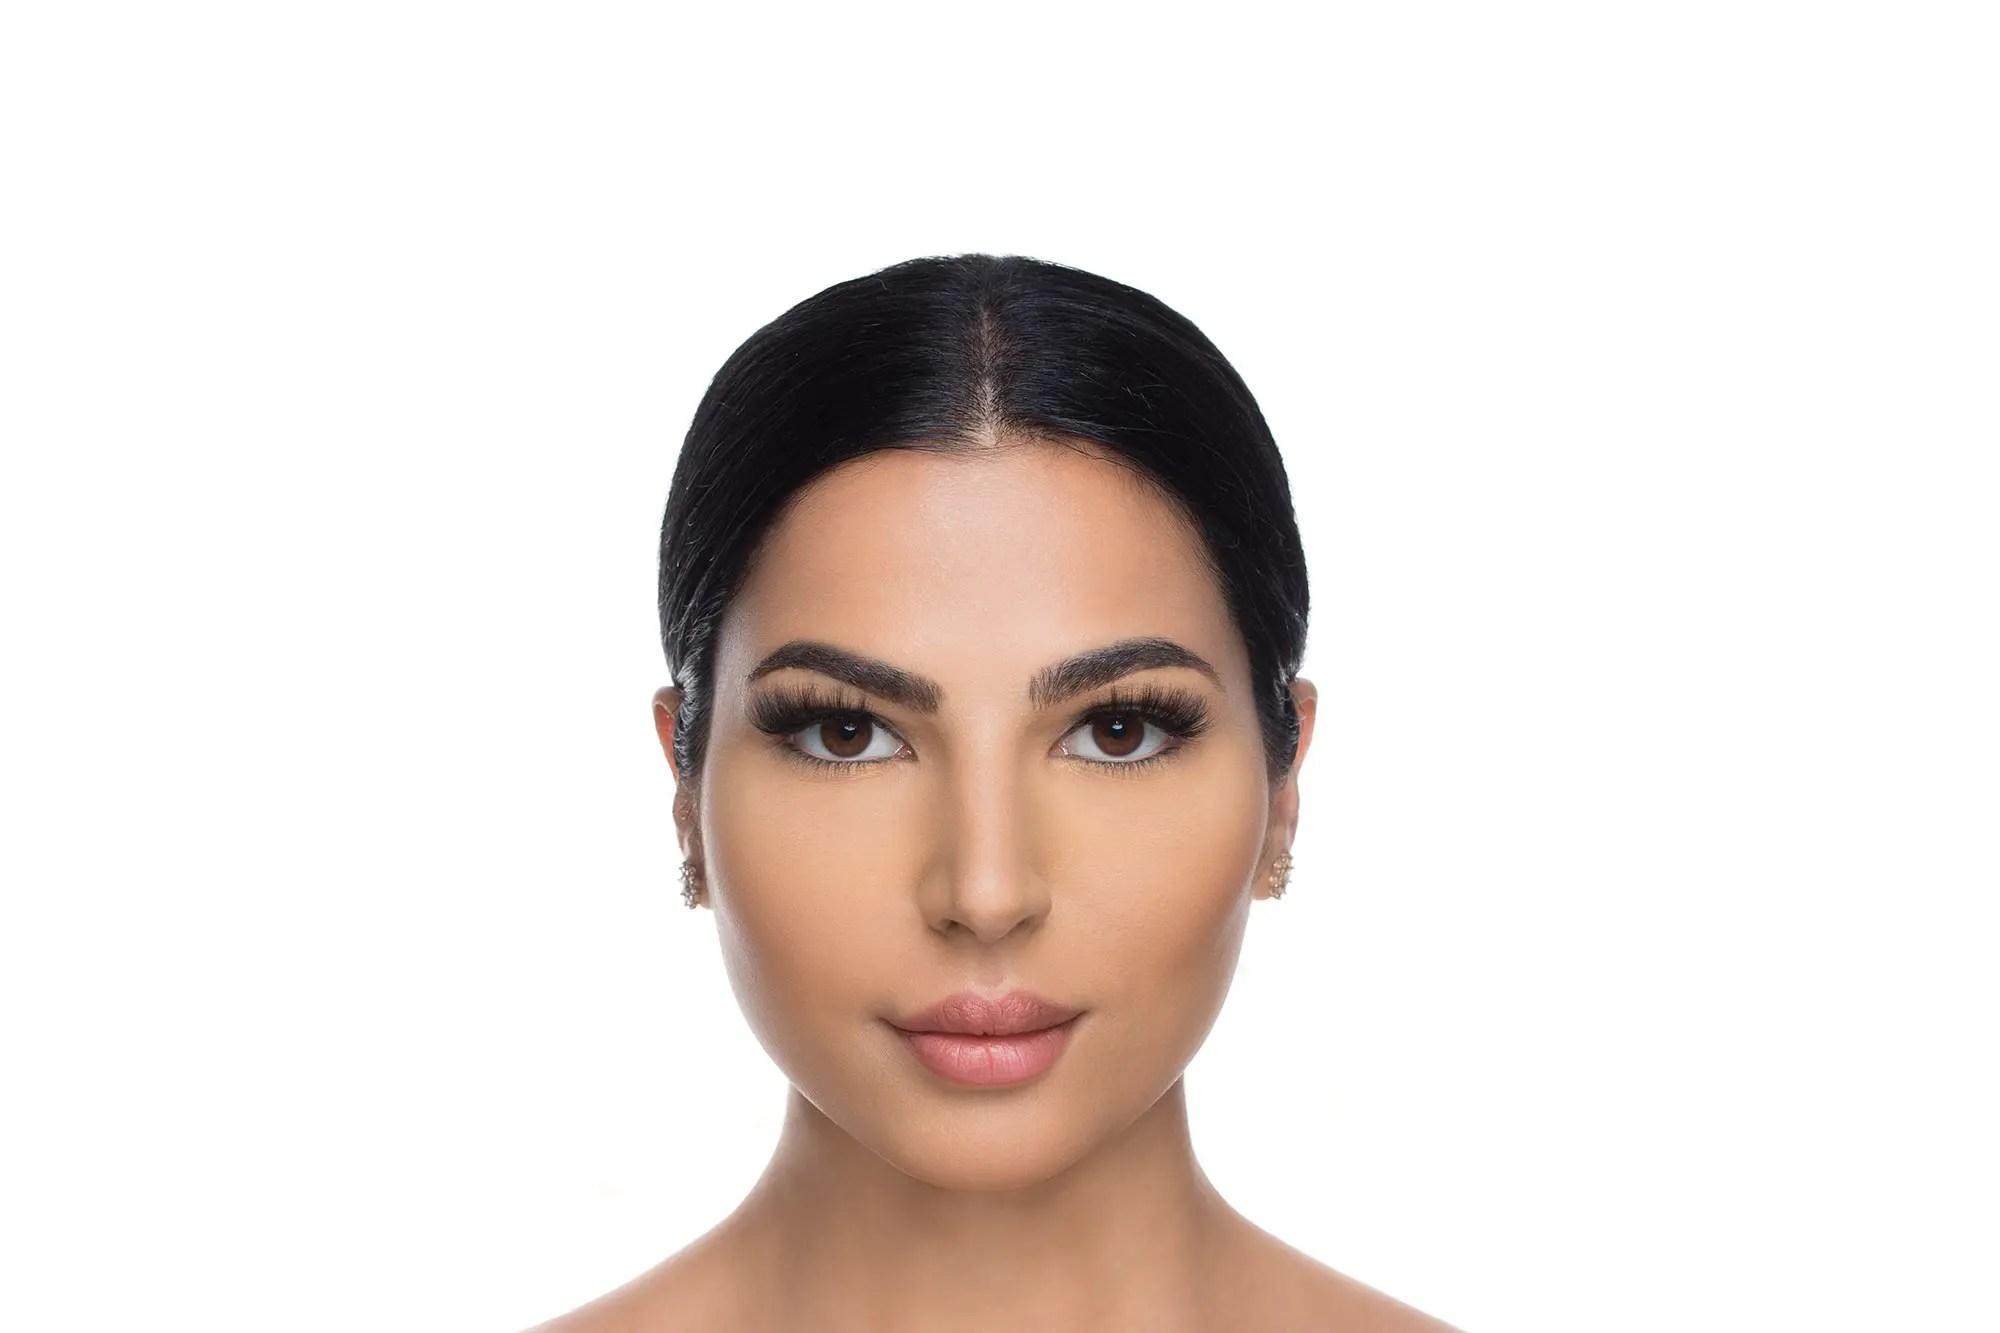 Savanna Mink Lashes, close up of ladies face wearing false eyelashes